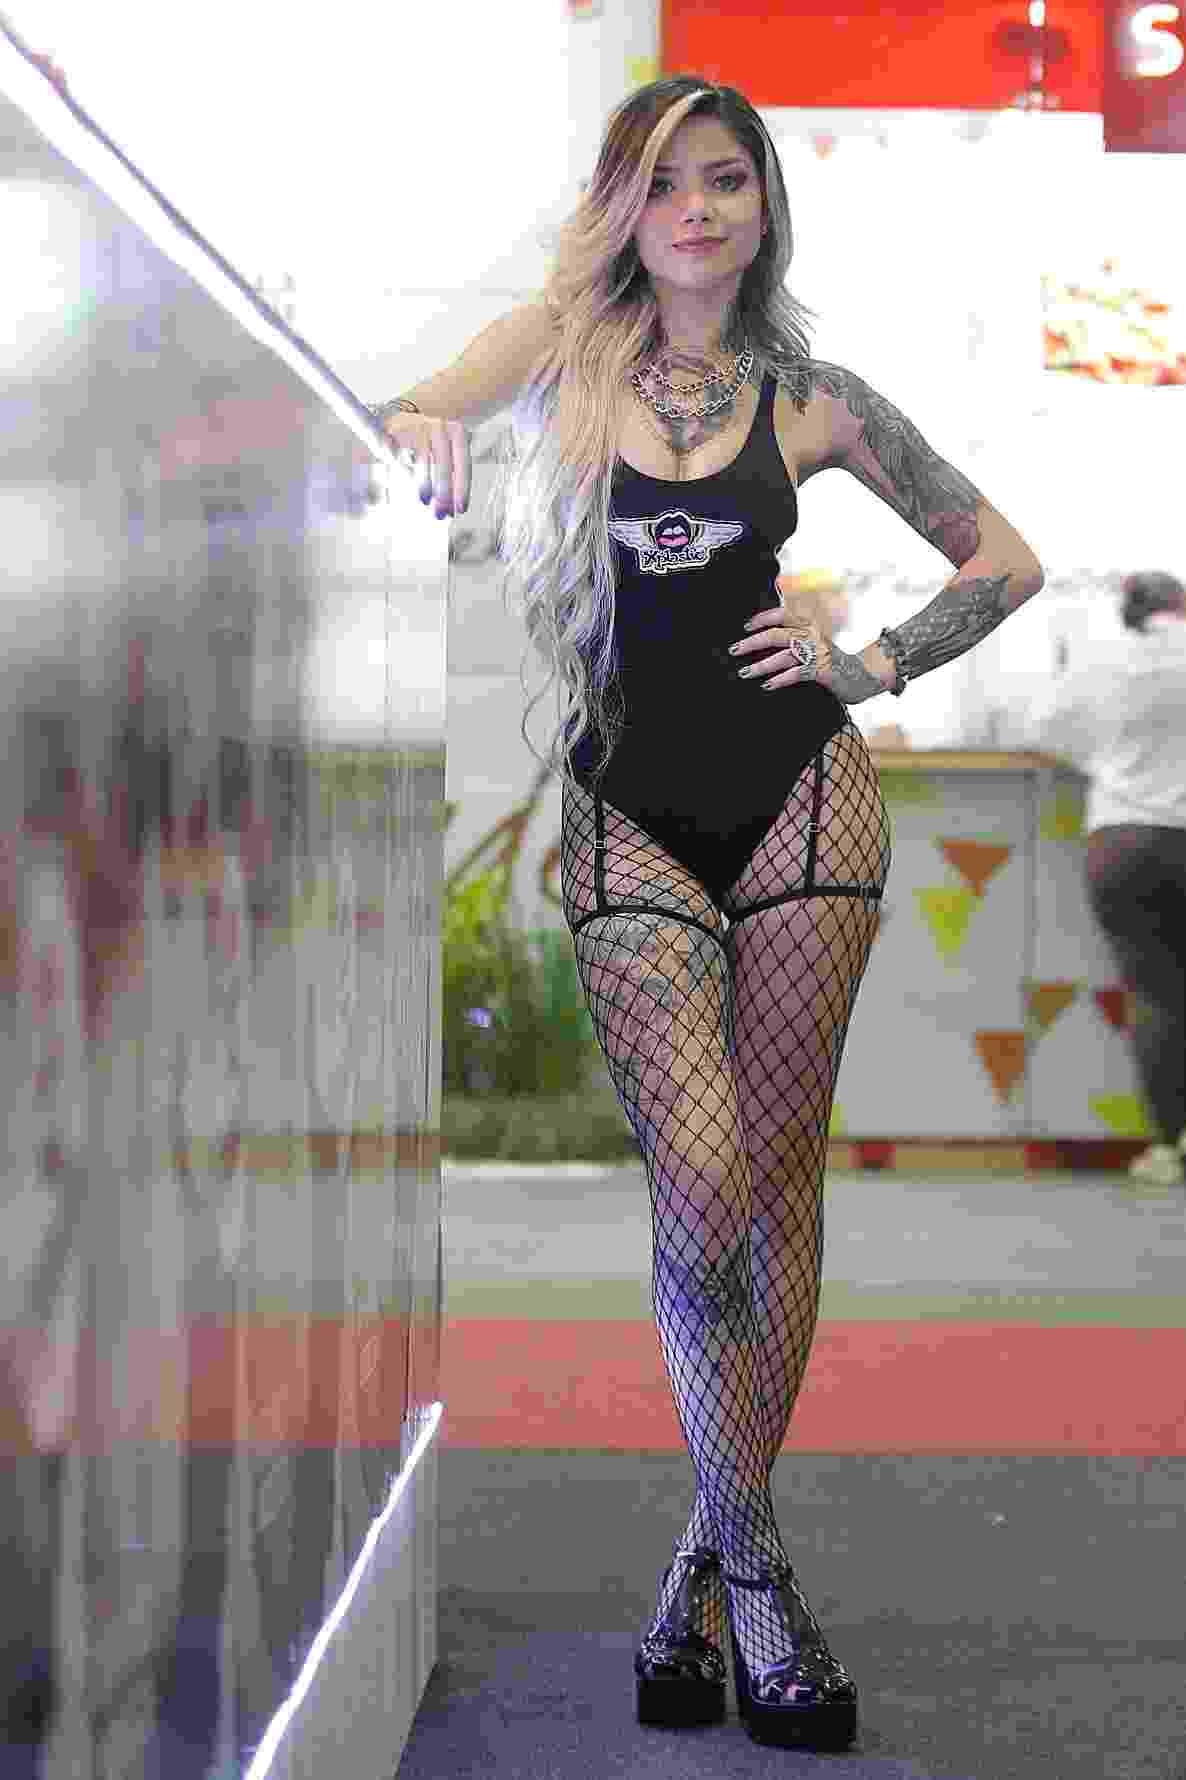 """""""Sexo anal é dolorido, mas pode ser bom. O homem precisa saber fazer e ter paciência. E é possível a mulher ter prazer com esse tipo de penetração, principalmente se ela for feita depois de muitos outros estímulos"""", Raíssa Mattos, 19, modelo. A Erótika Fair acontece entre os dias 6 e 8 de março de 2015, no Imigrantes Exhibition & Convention Center, em São Paulo - Reinaldo Canato/UOL"""